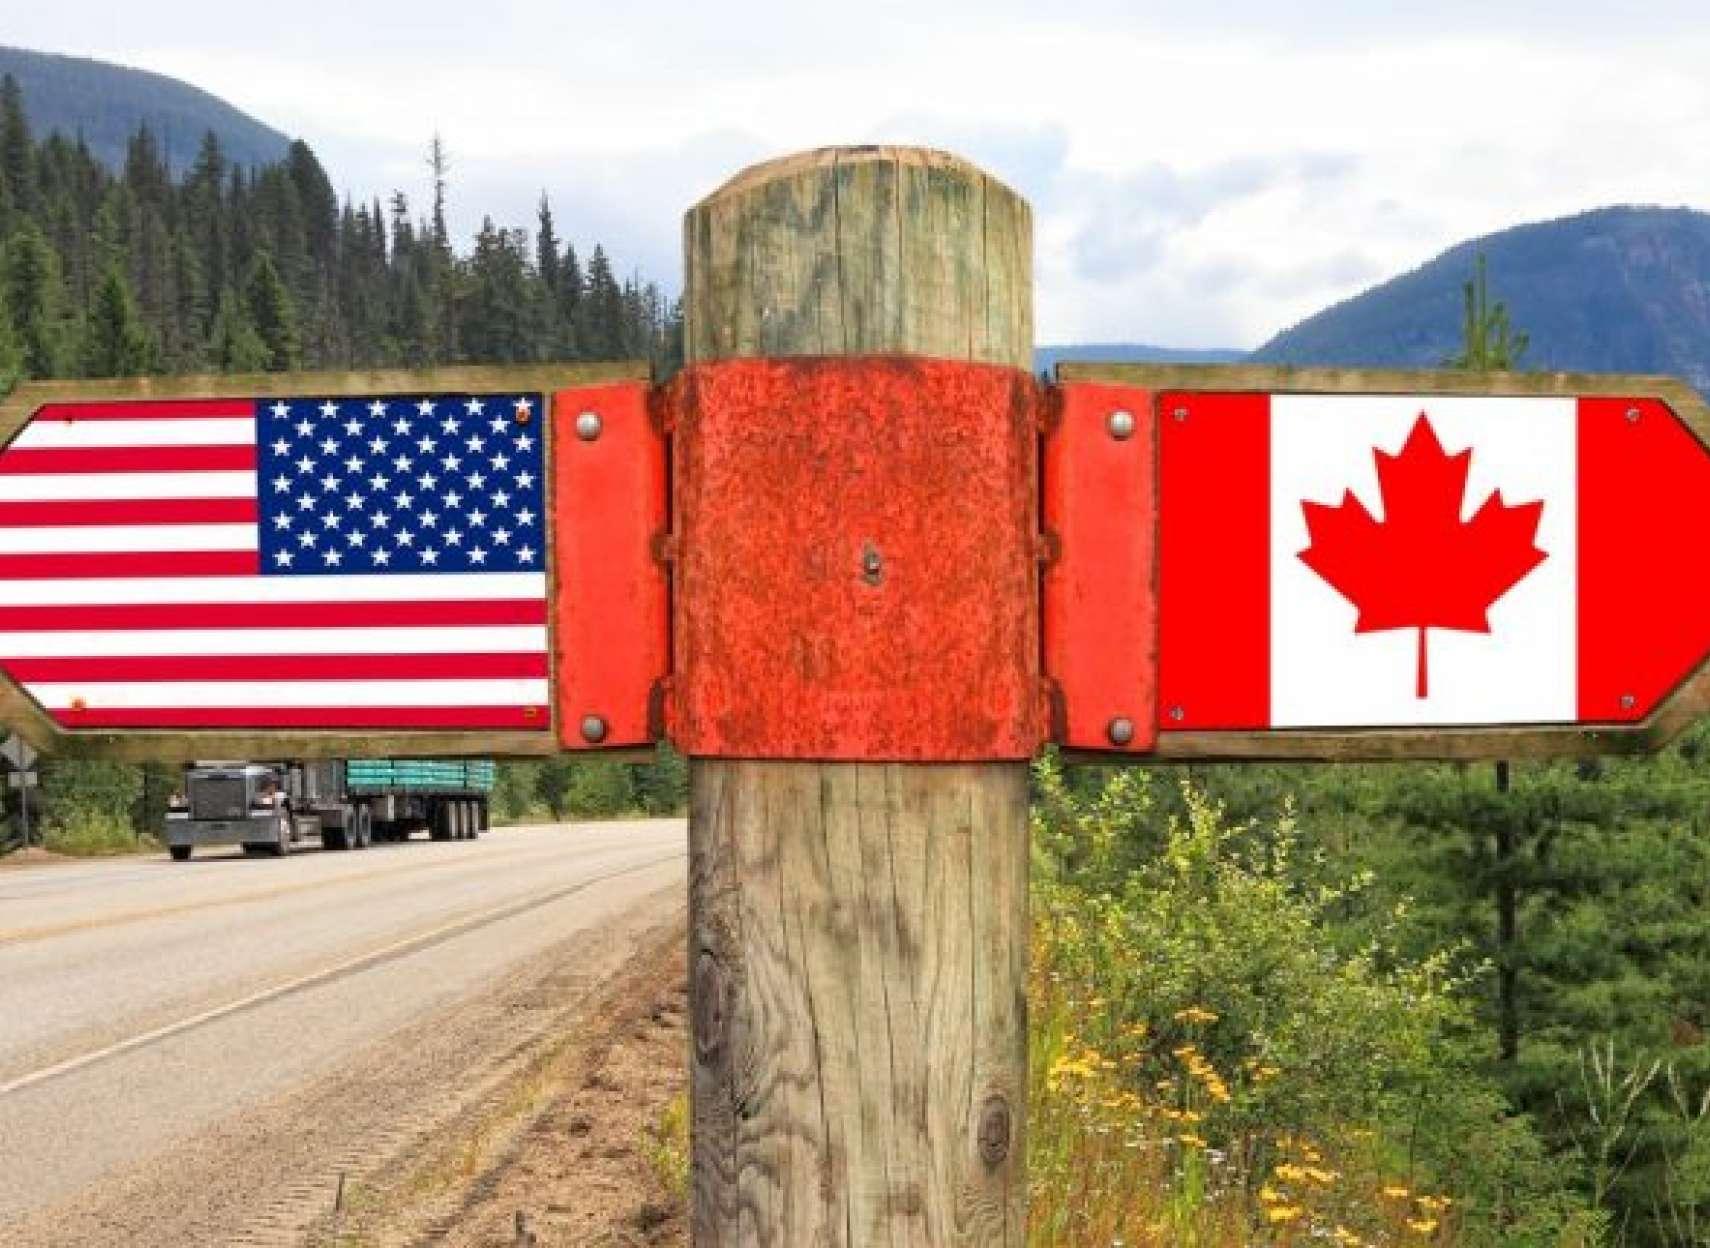 روزهای-پرتنش-در-سیاست-خارجی-کانادا-با-یانکی-ها-عرب-ها-و-چینی-ها